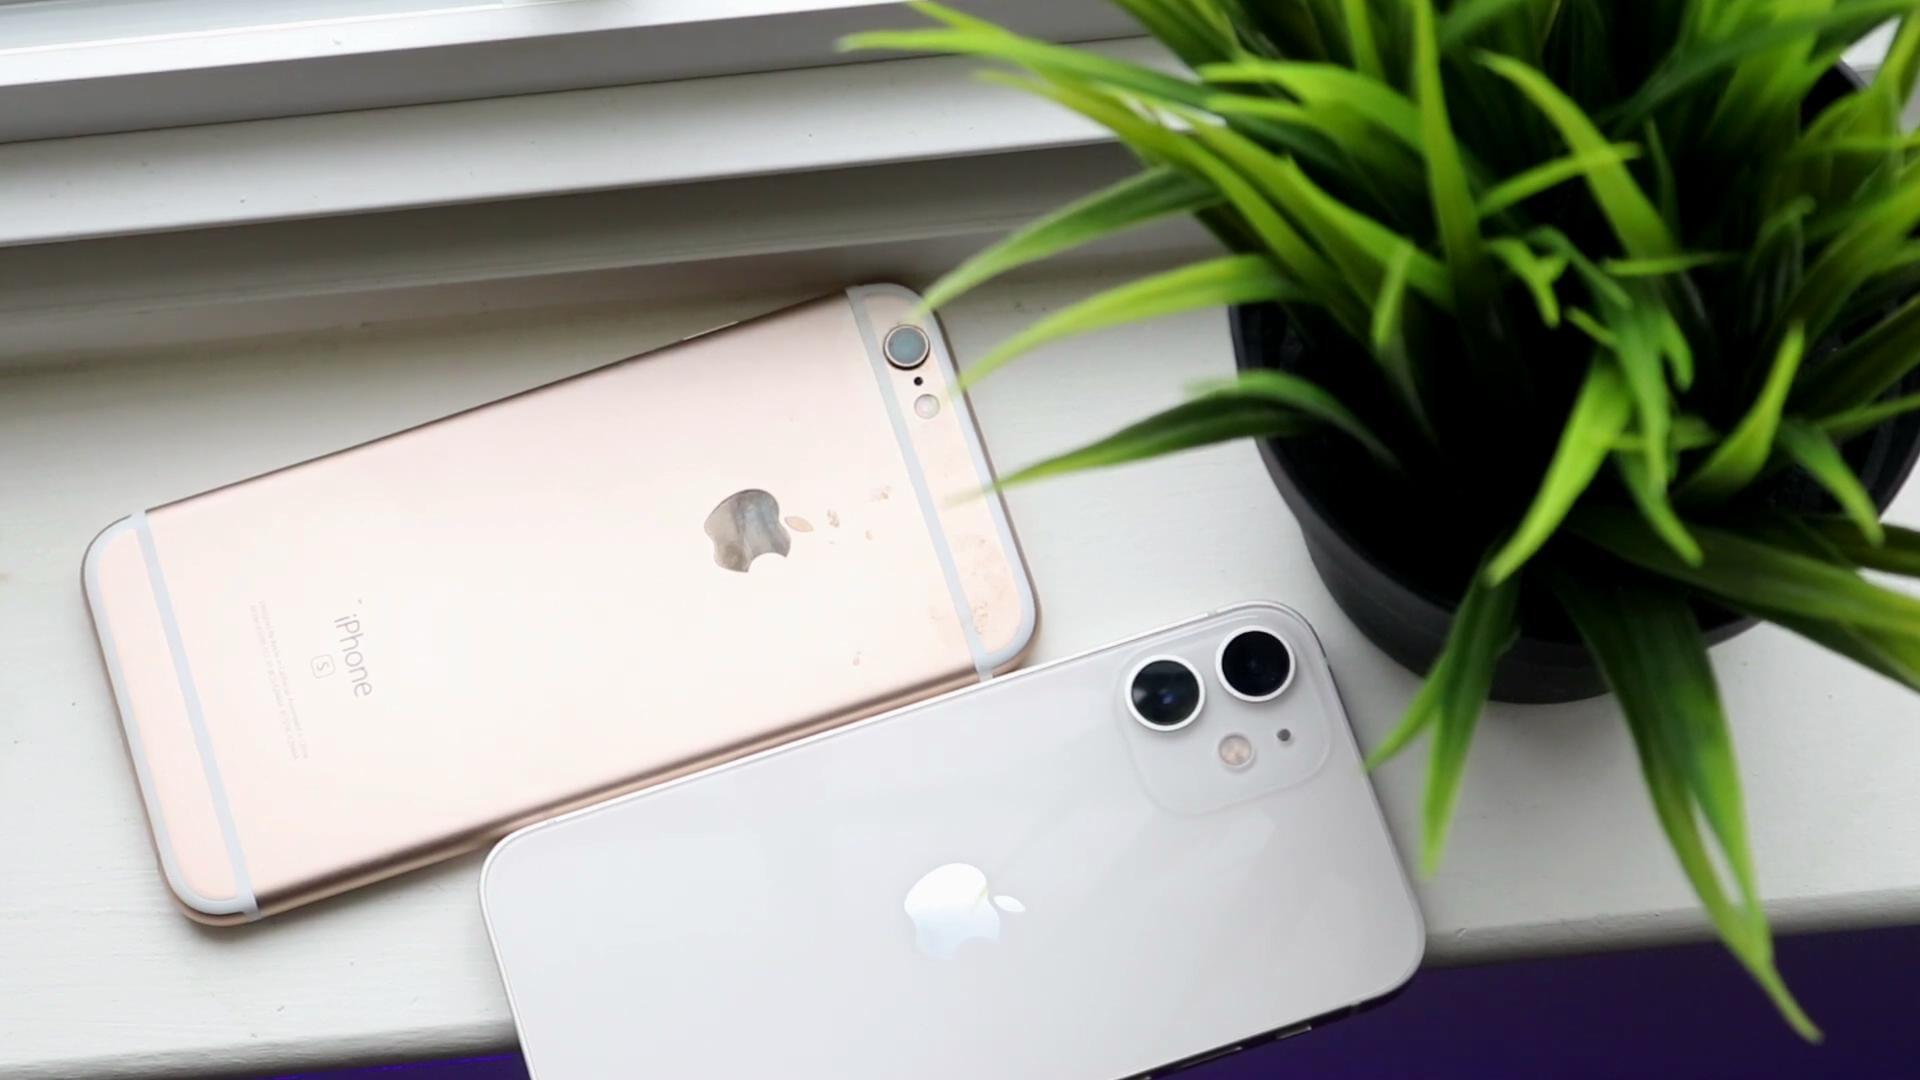 苹果手机6s屏幕多大尺寸(分析苹果6s的详细参数)